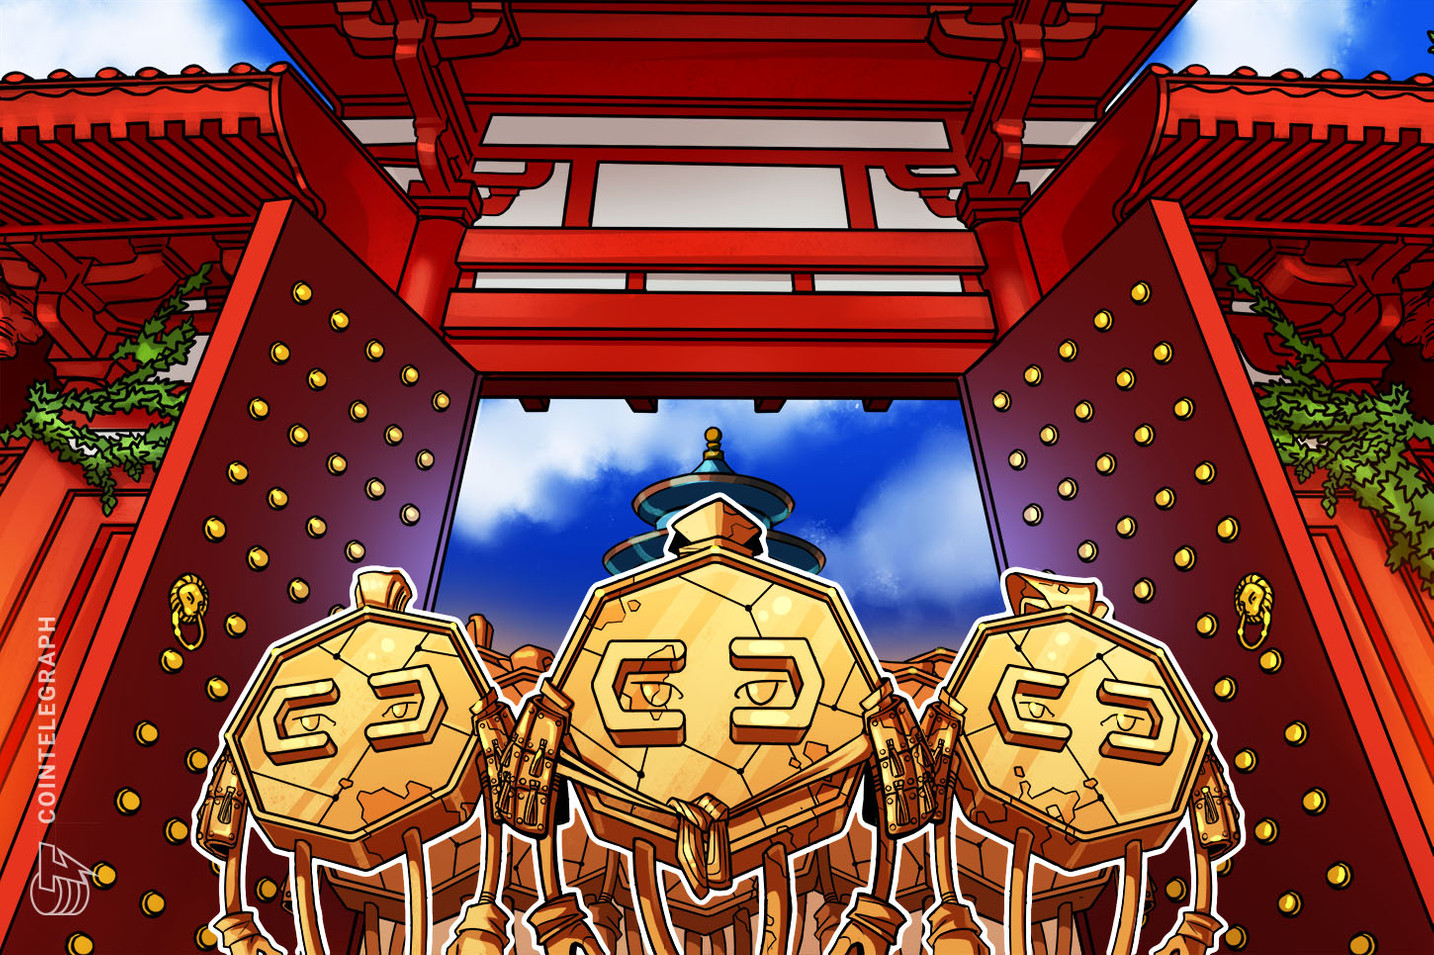 Pilotos do yuan digital da China processaram US$ 300 milhões até agora, diz chefe do PBoC